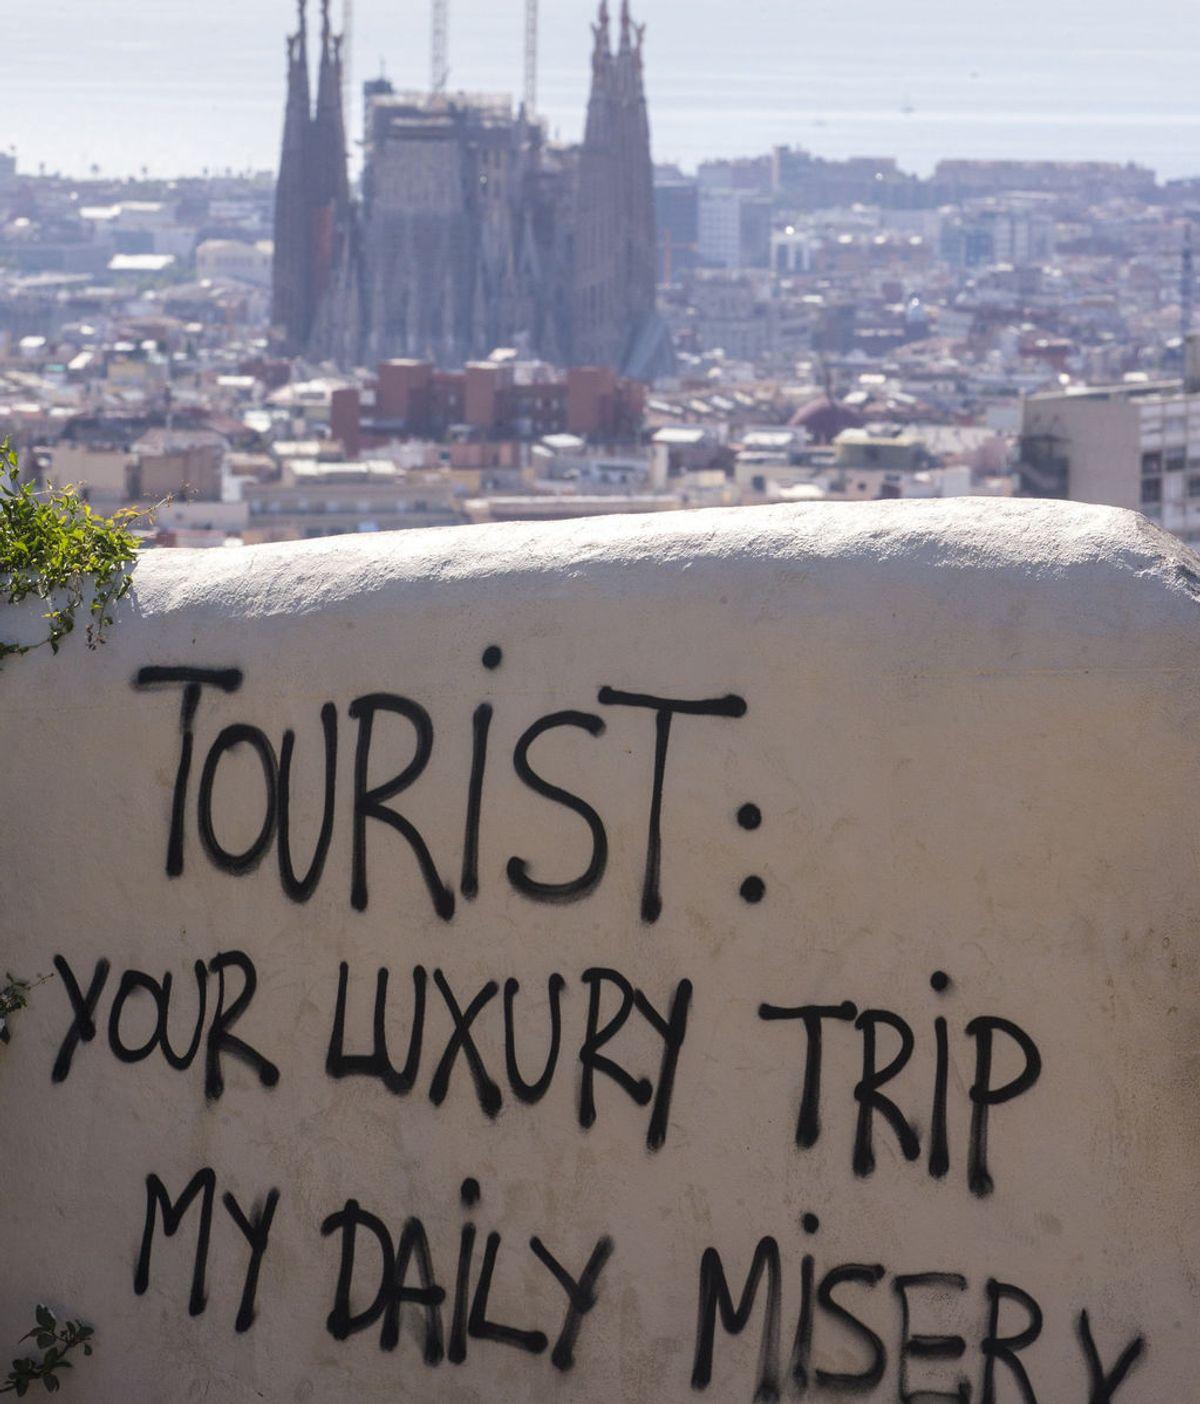 El Gobierno denunciará ante los tribunales todos los ataques turismofóbicos